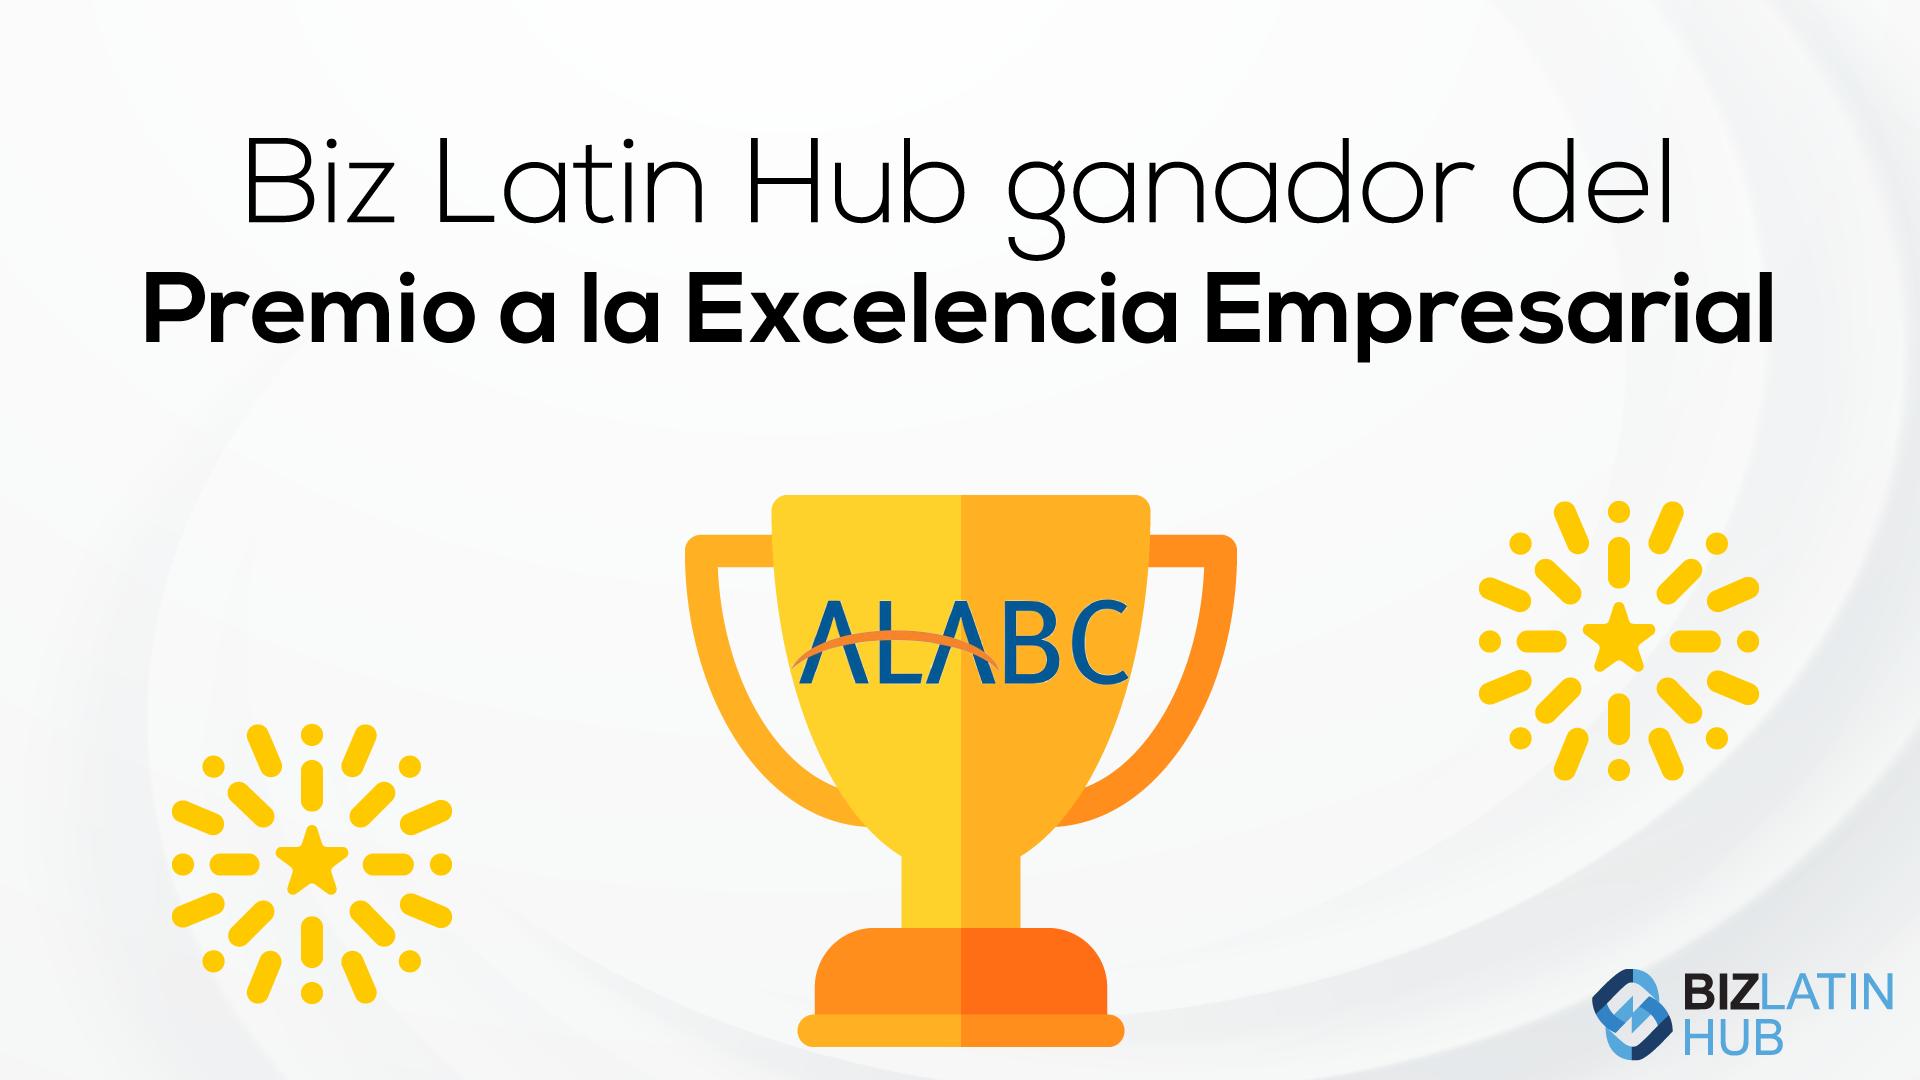 Biz Latin Hub ganador del Premio a la Excelencia Empresarial en Australia